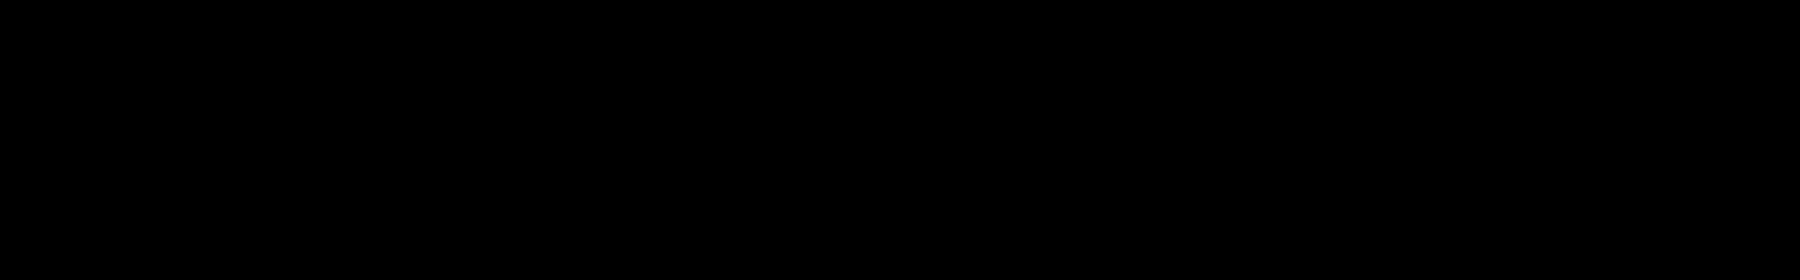 Prophets of Doom Ableton Live Pack audio waveform